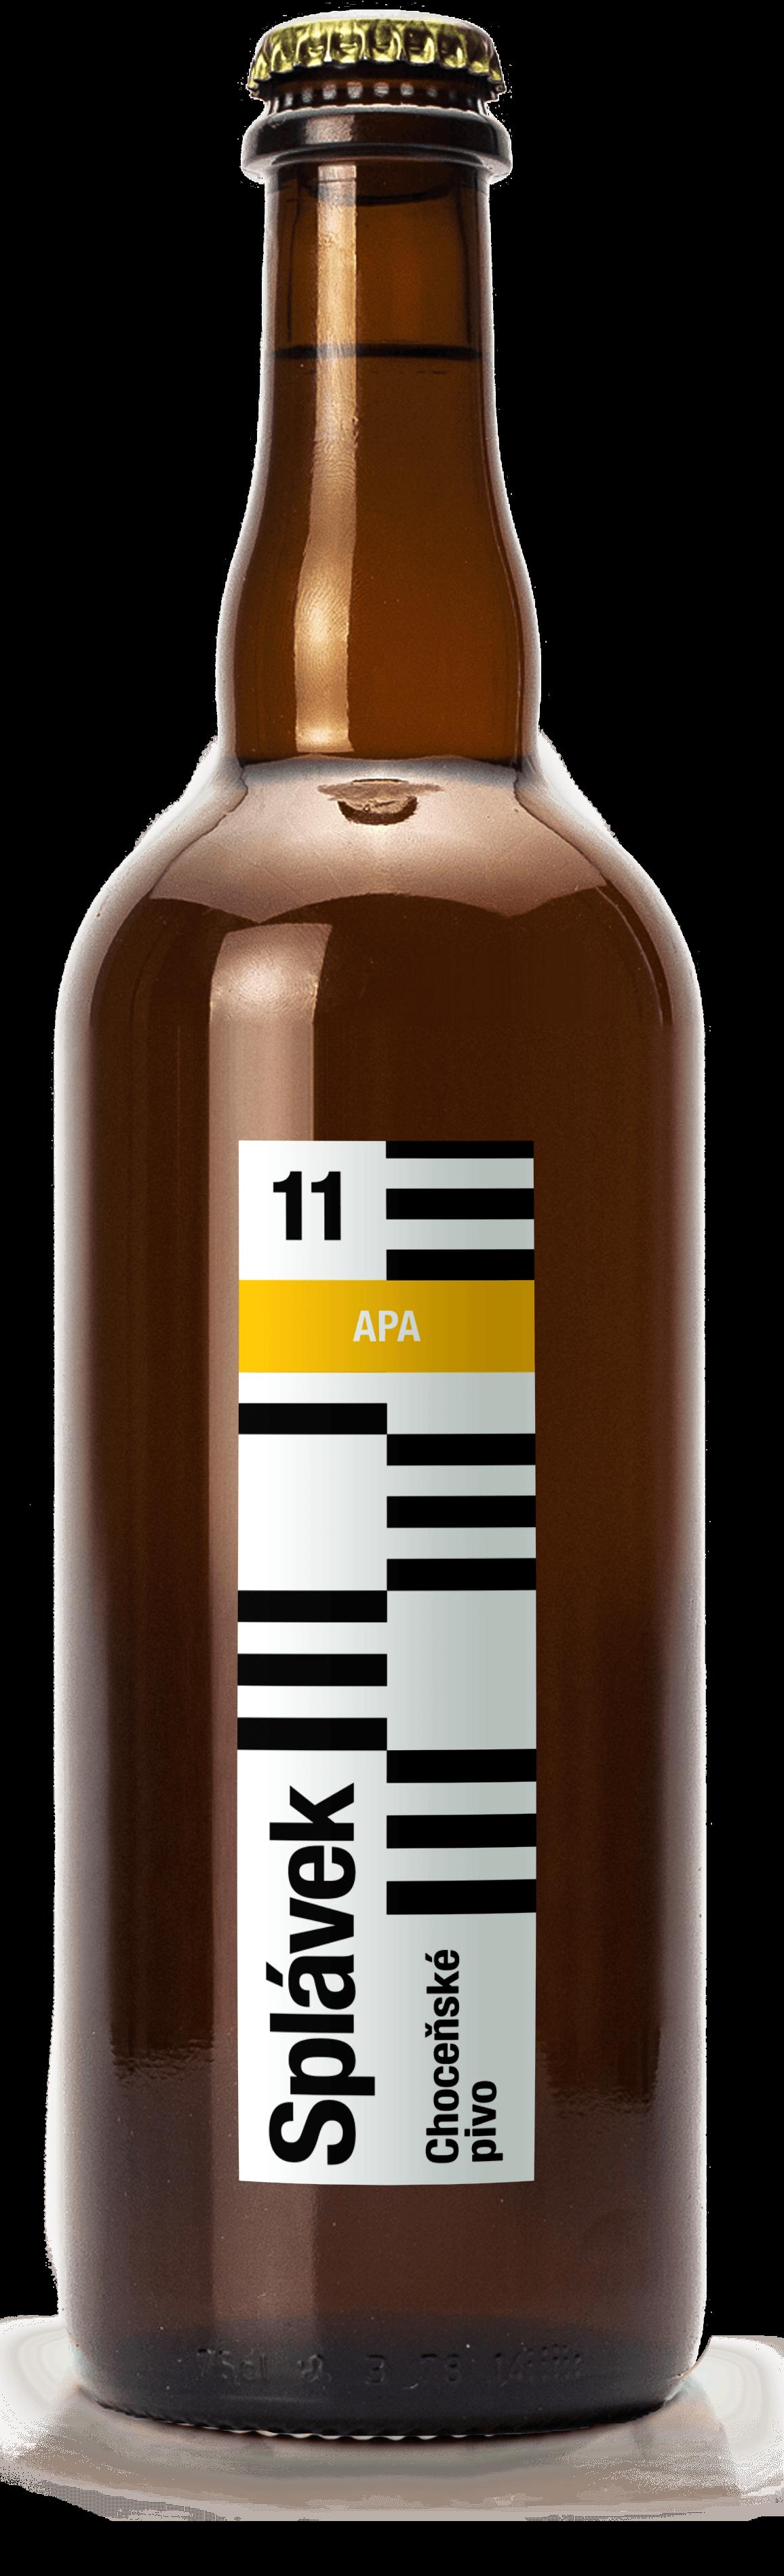 pivni lahev Splavek 11